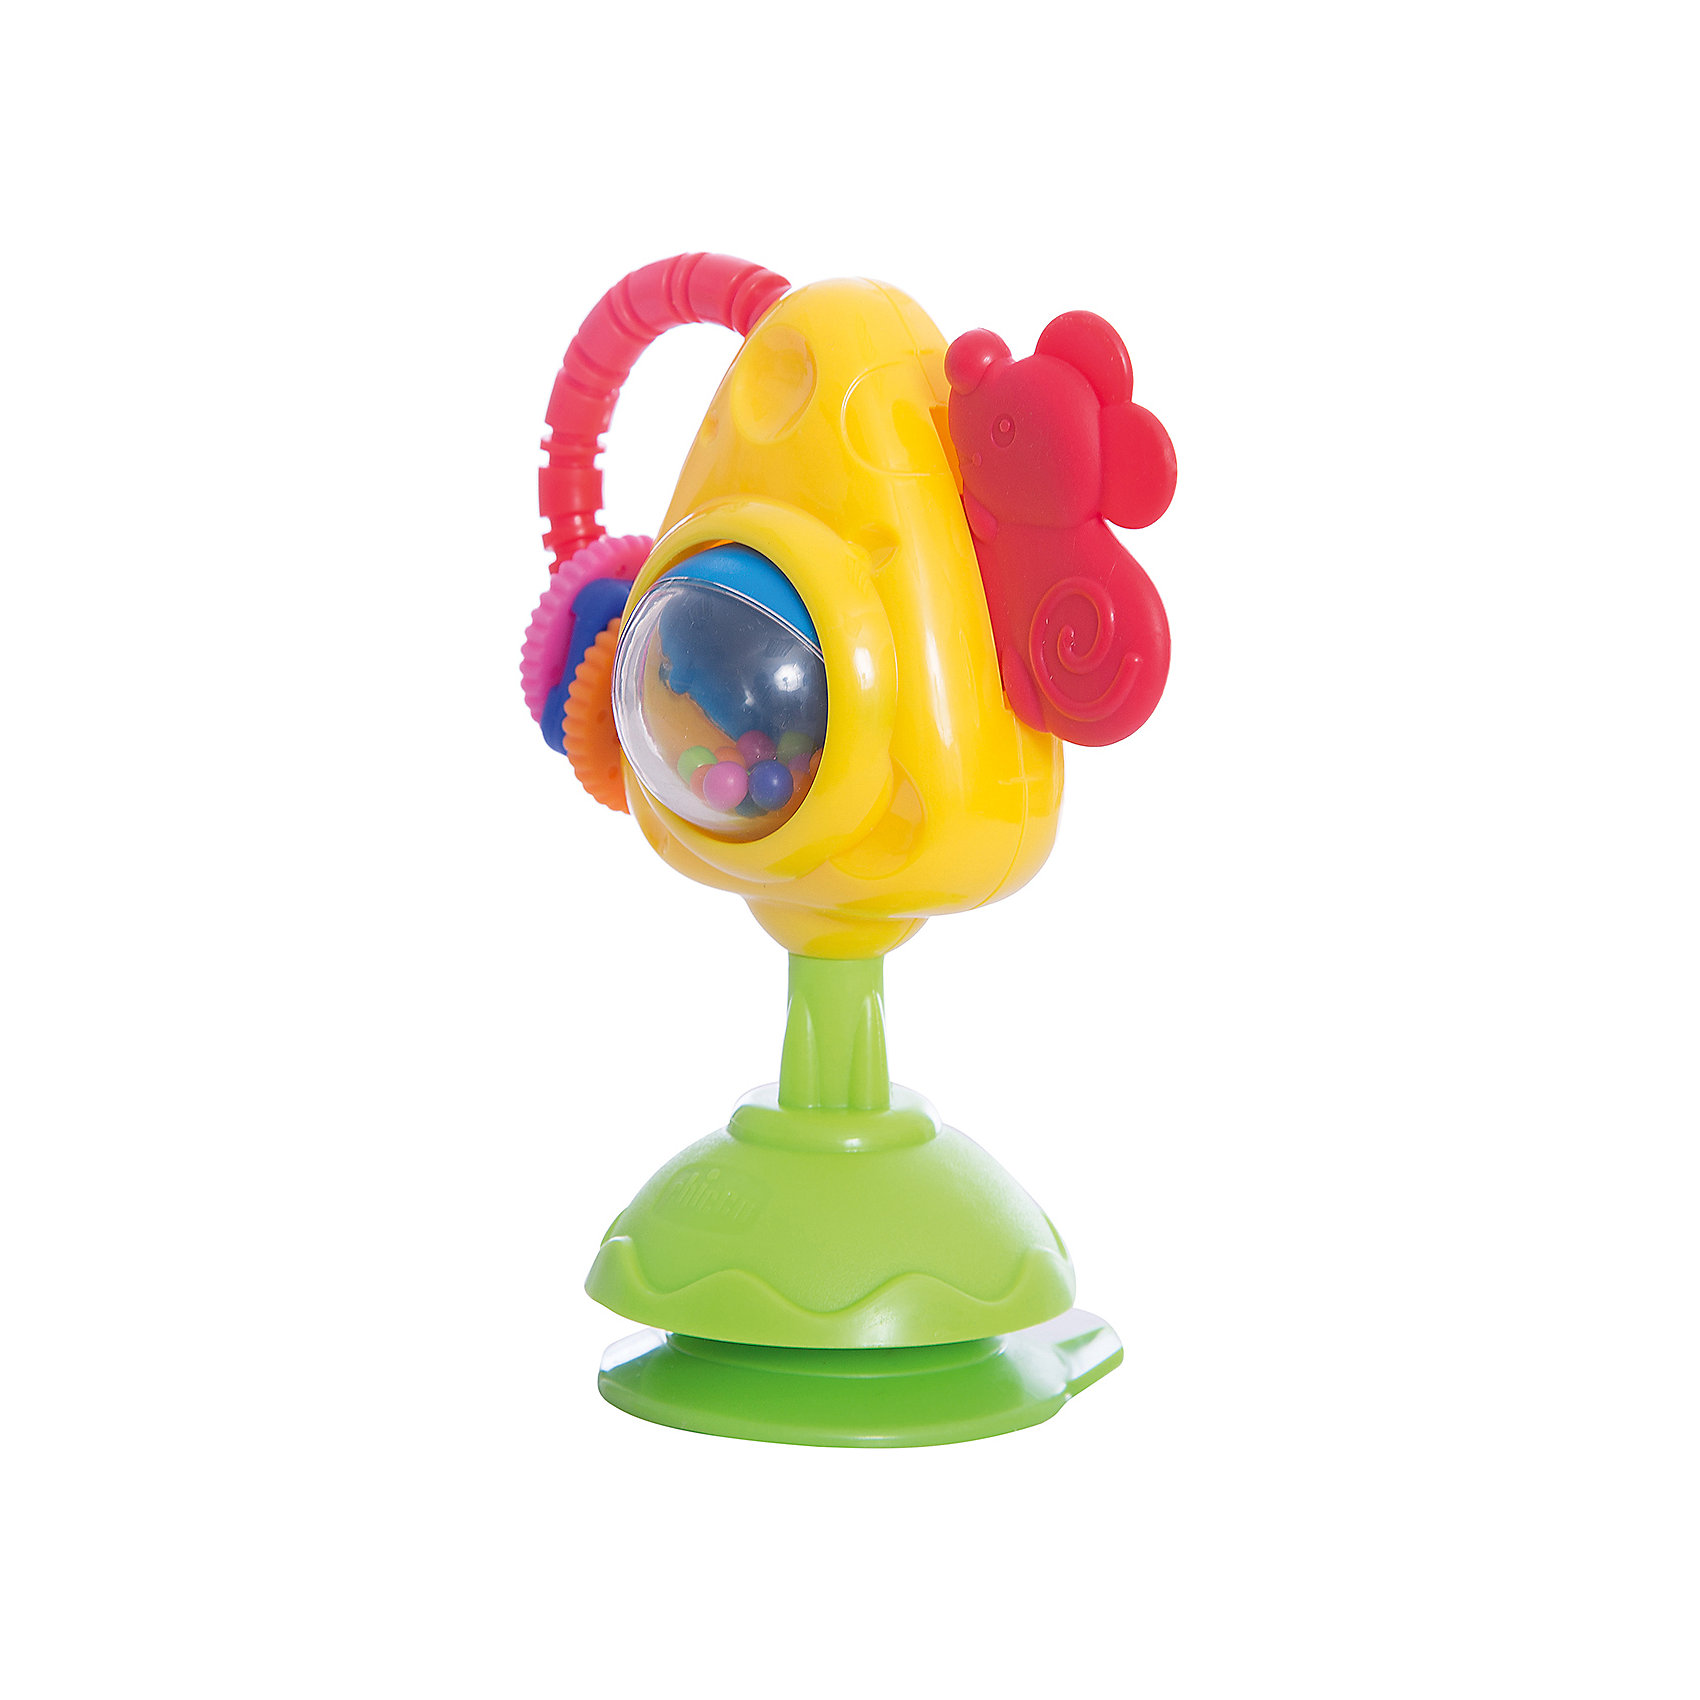 CHICCO Игрушка для стульчика Мышка с сыром и крекерами, Chicco погремушки и прорезыватели chicco